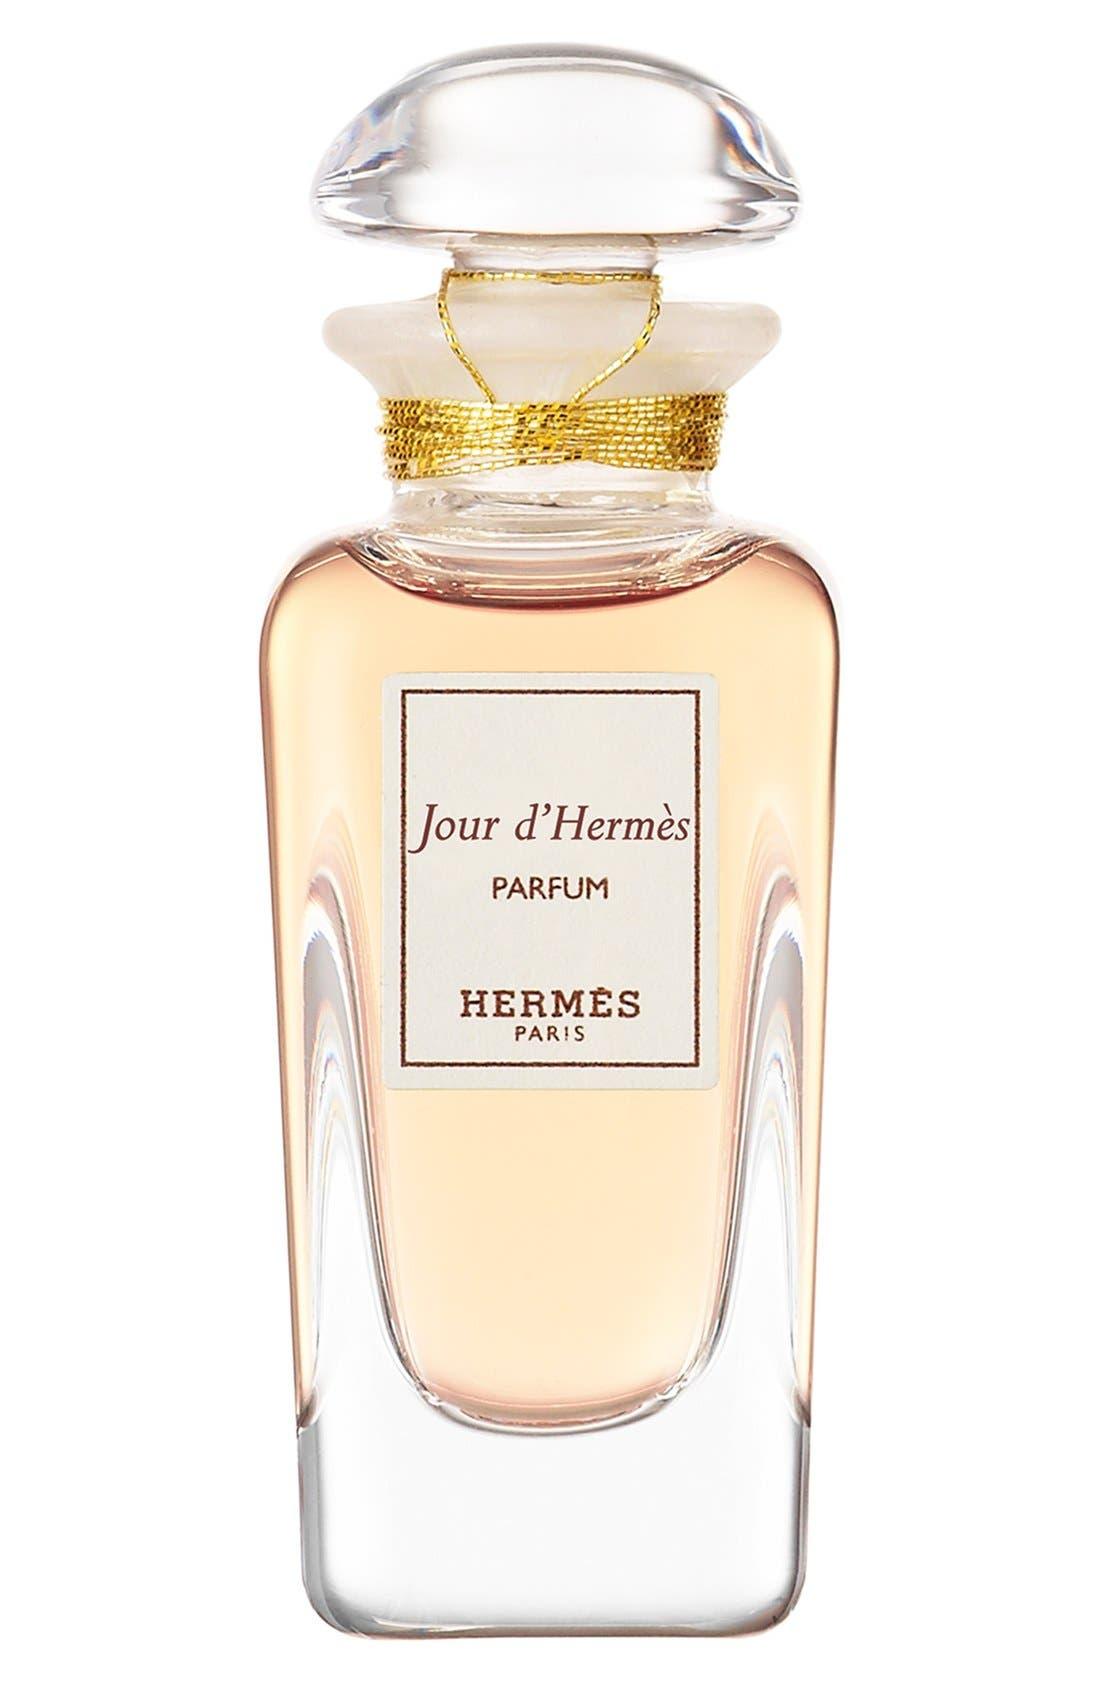 Hermès Jour d'Hermès - Pure perfume,                             Main thumbnail 1, color,                             000